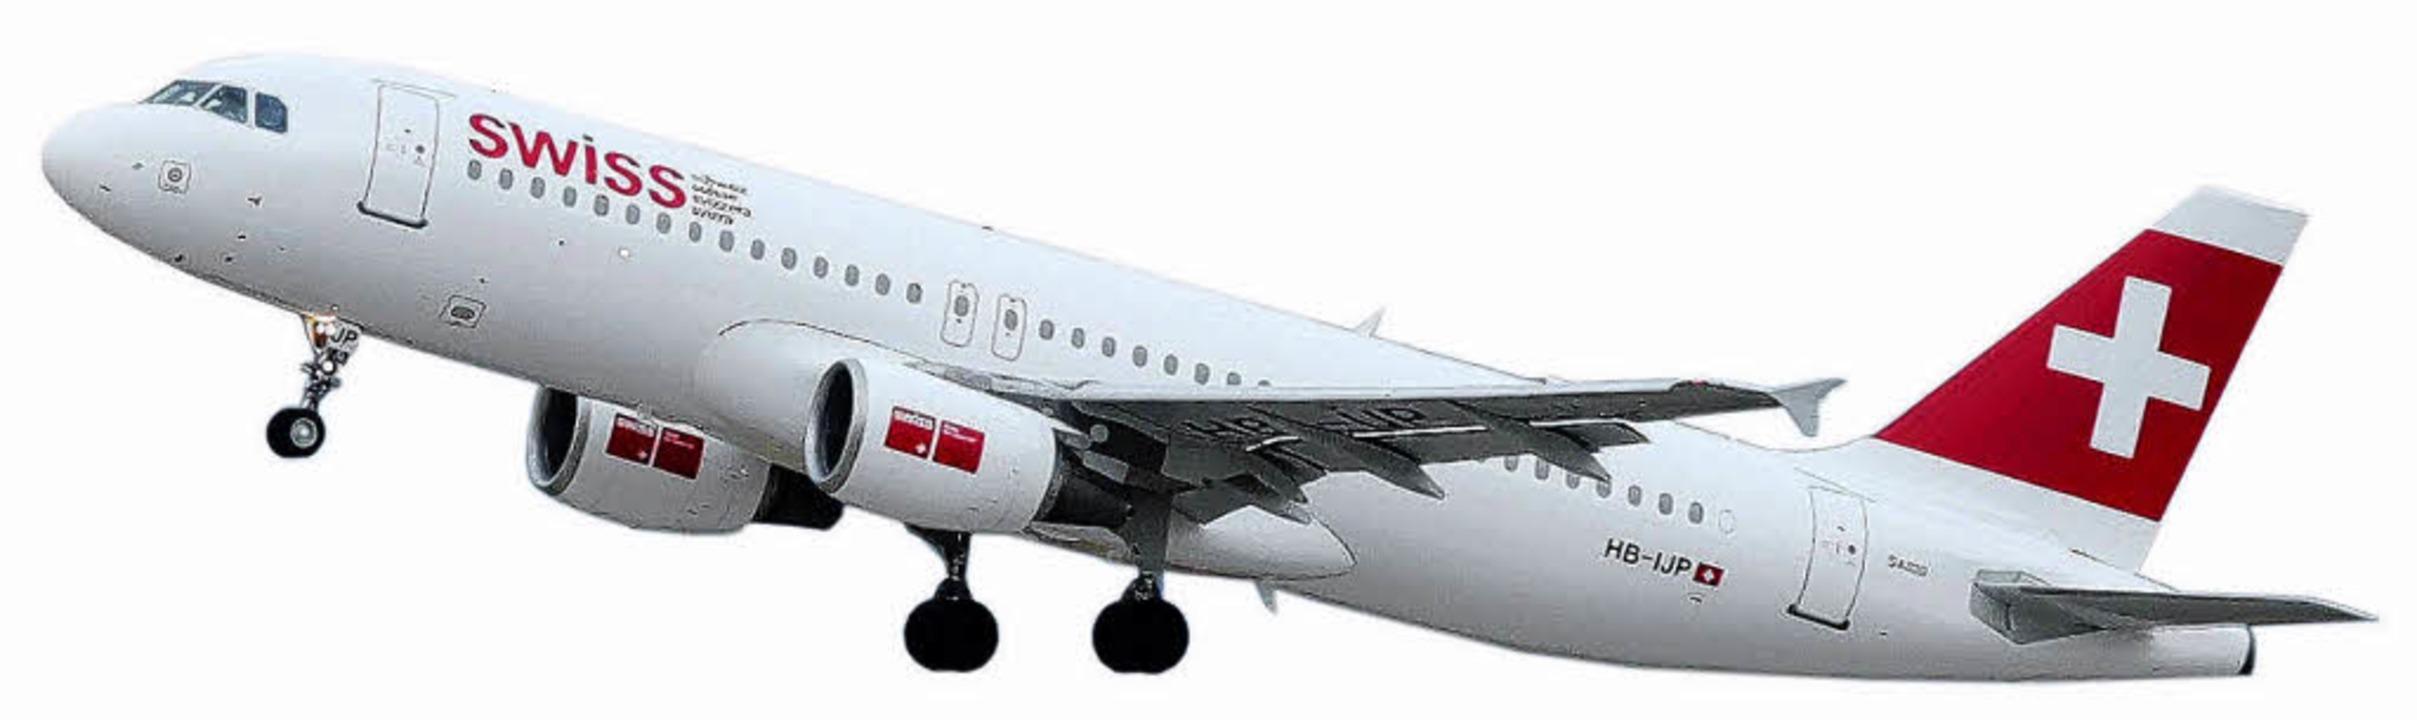 Im Fluglärm-Streit will die Schweiz wieder mit Deutschland reden. <?ZL?>  | Foto: bz<?ZL?>